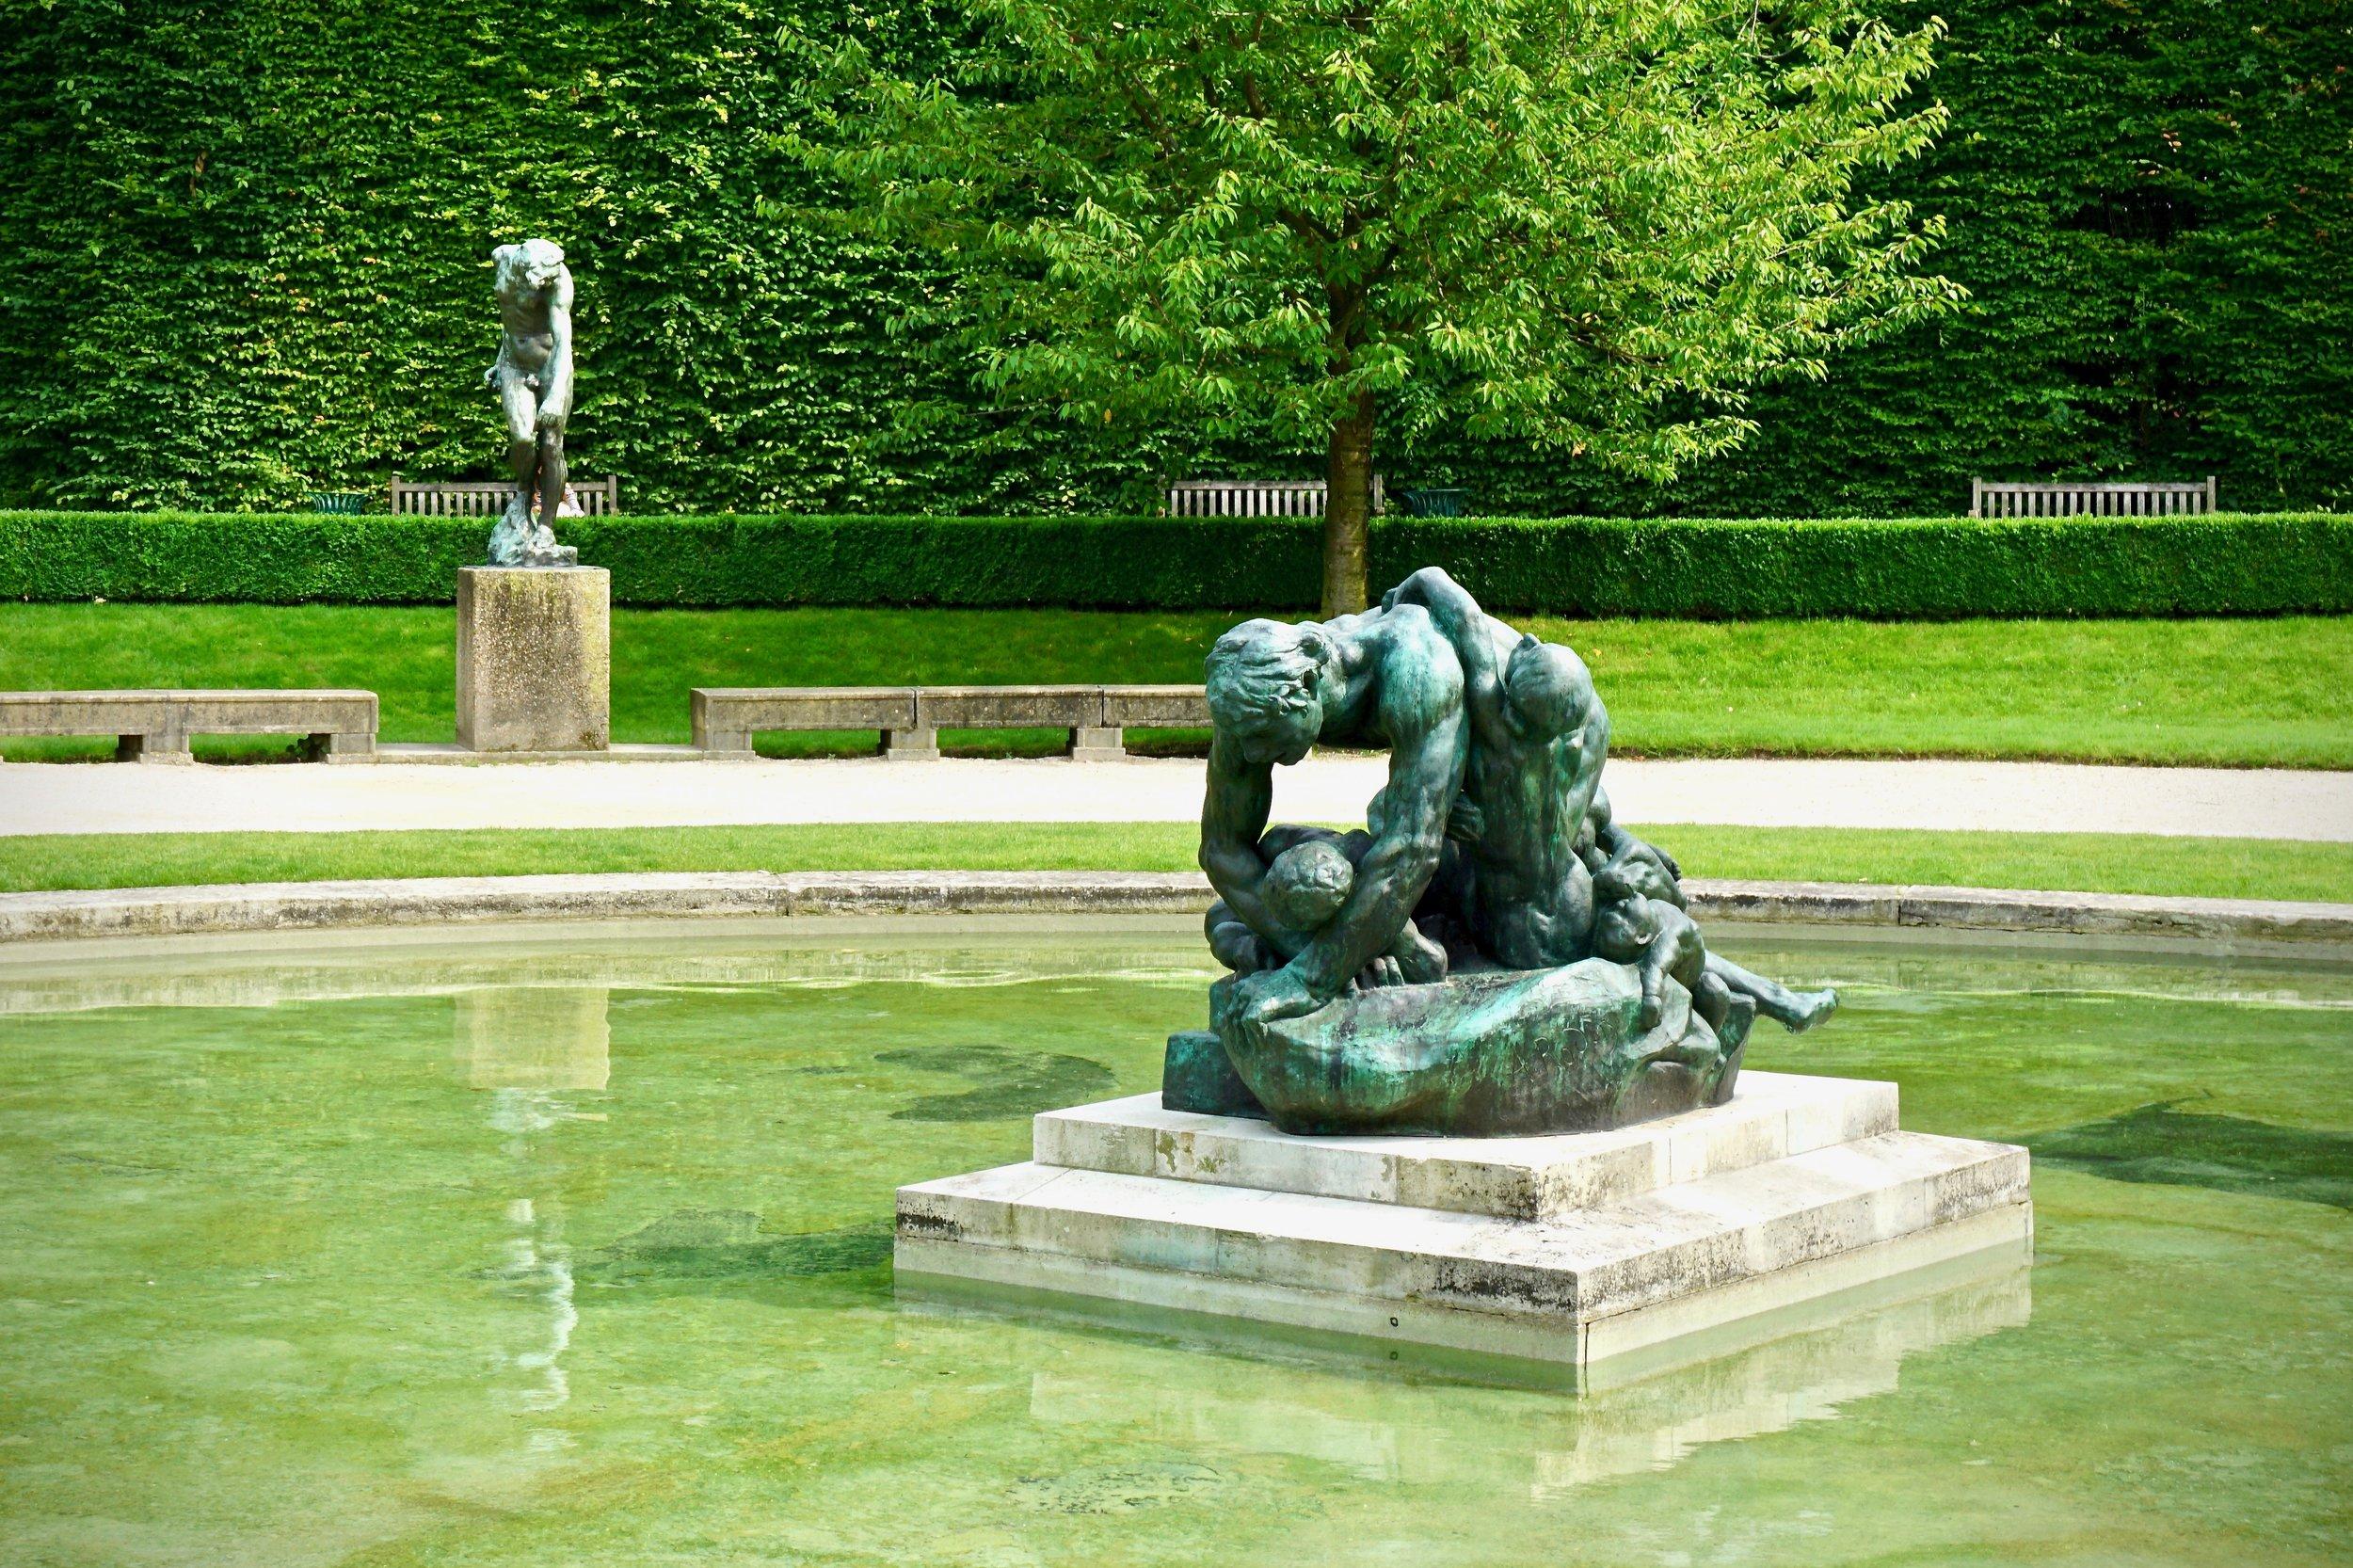 Sculpture Garden at the Rodin Museum